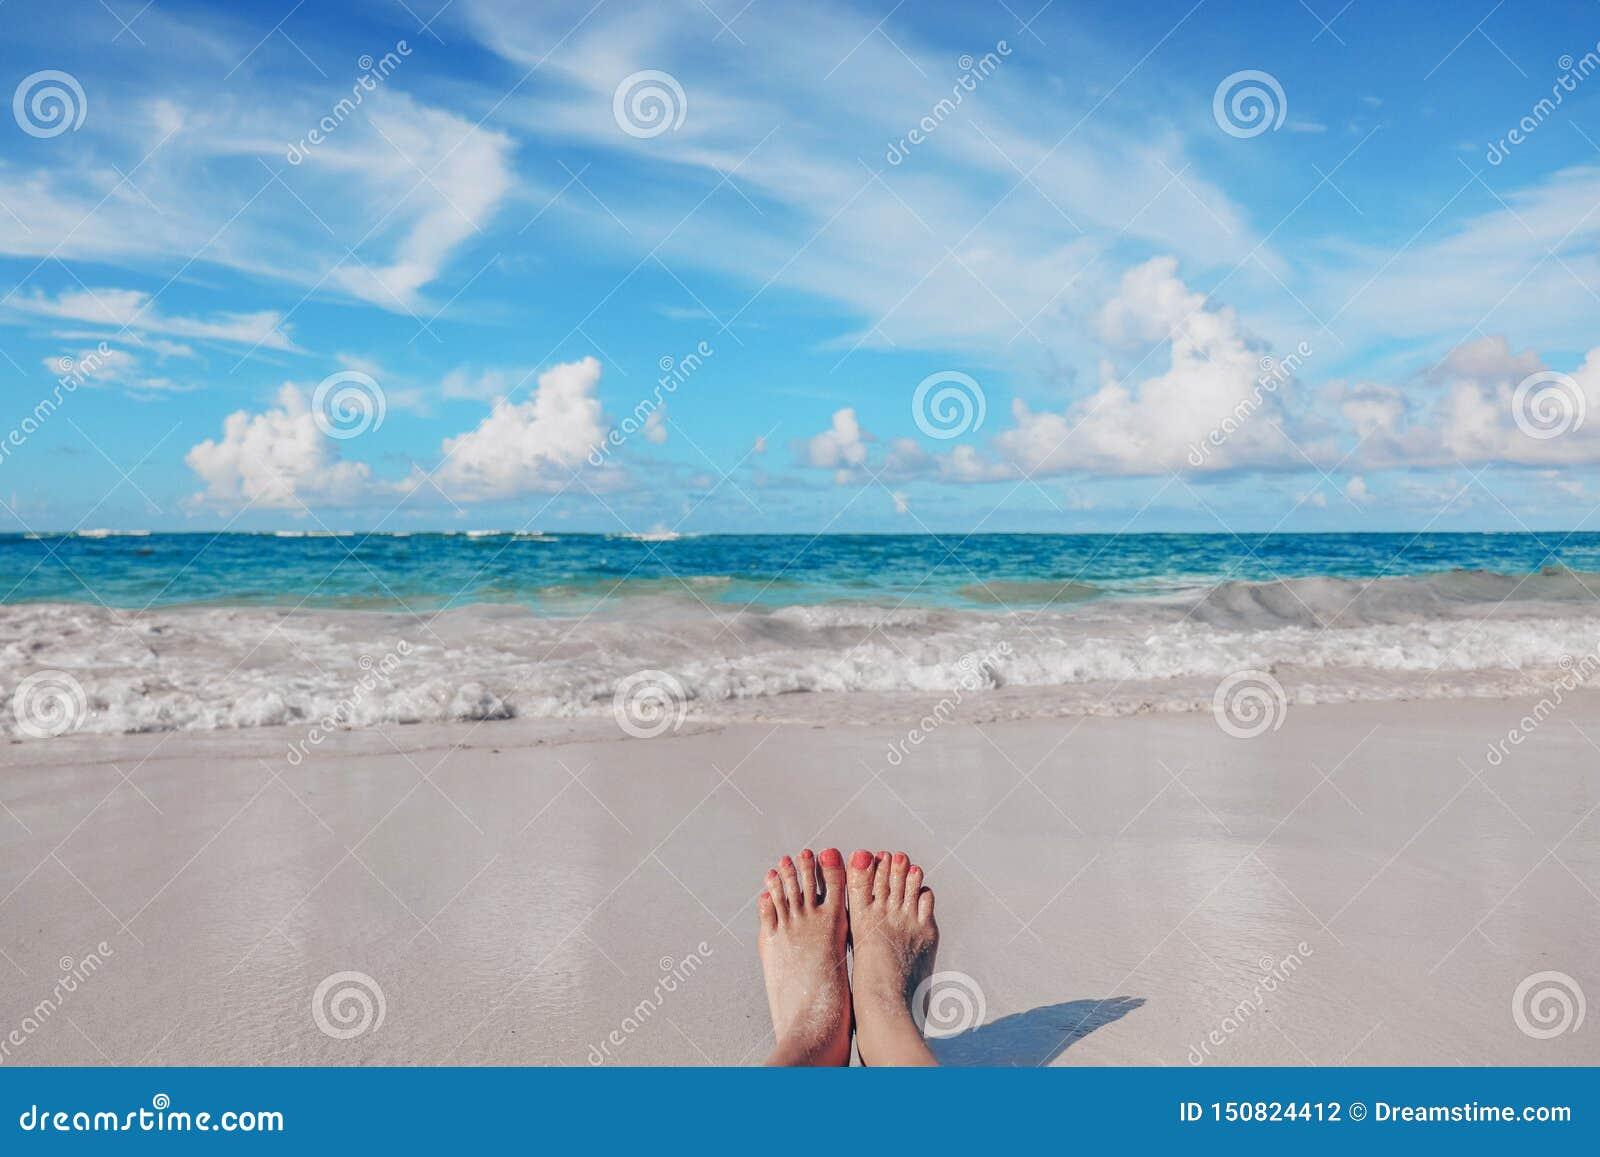 在热带加勒比海滩的妇女的脚 海洋和天空蔚蓝